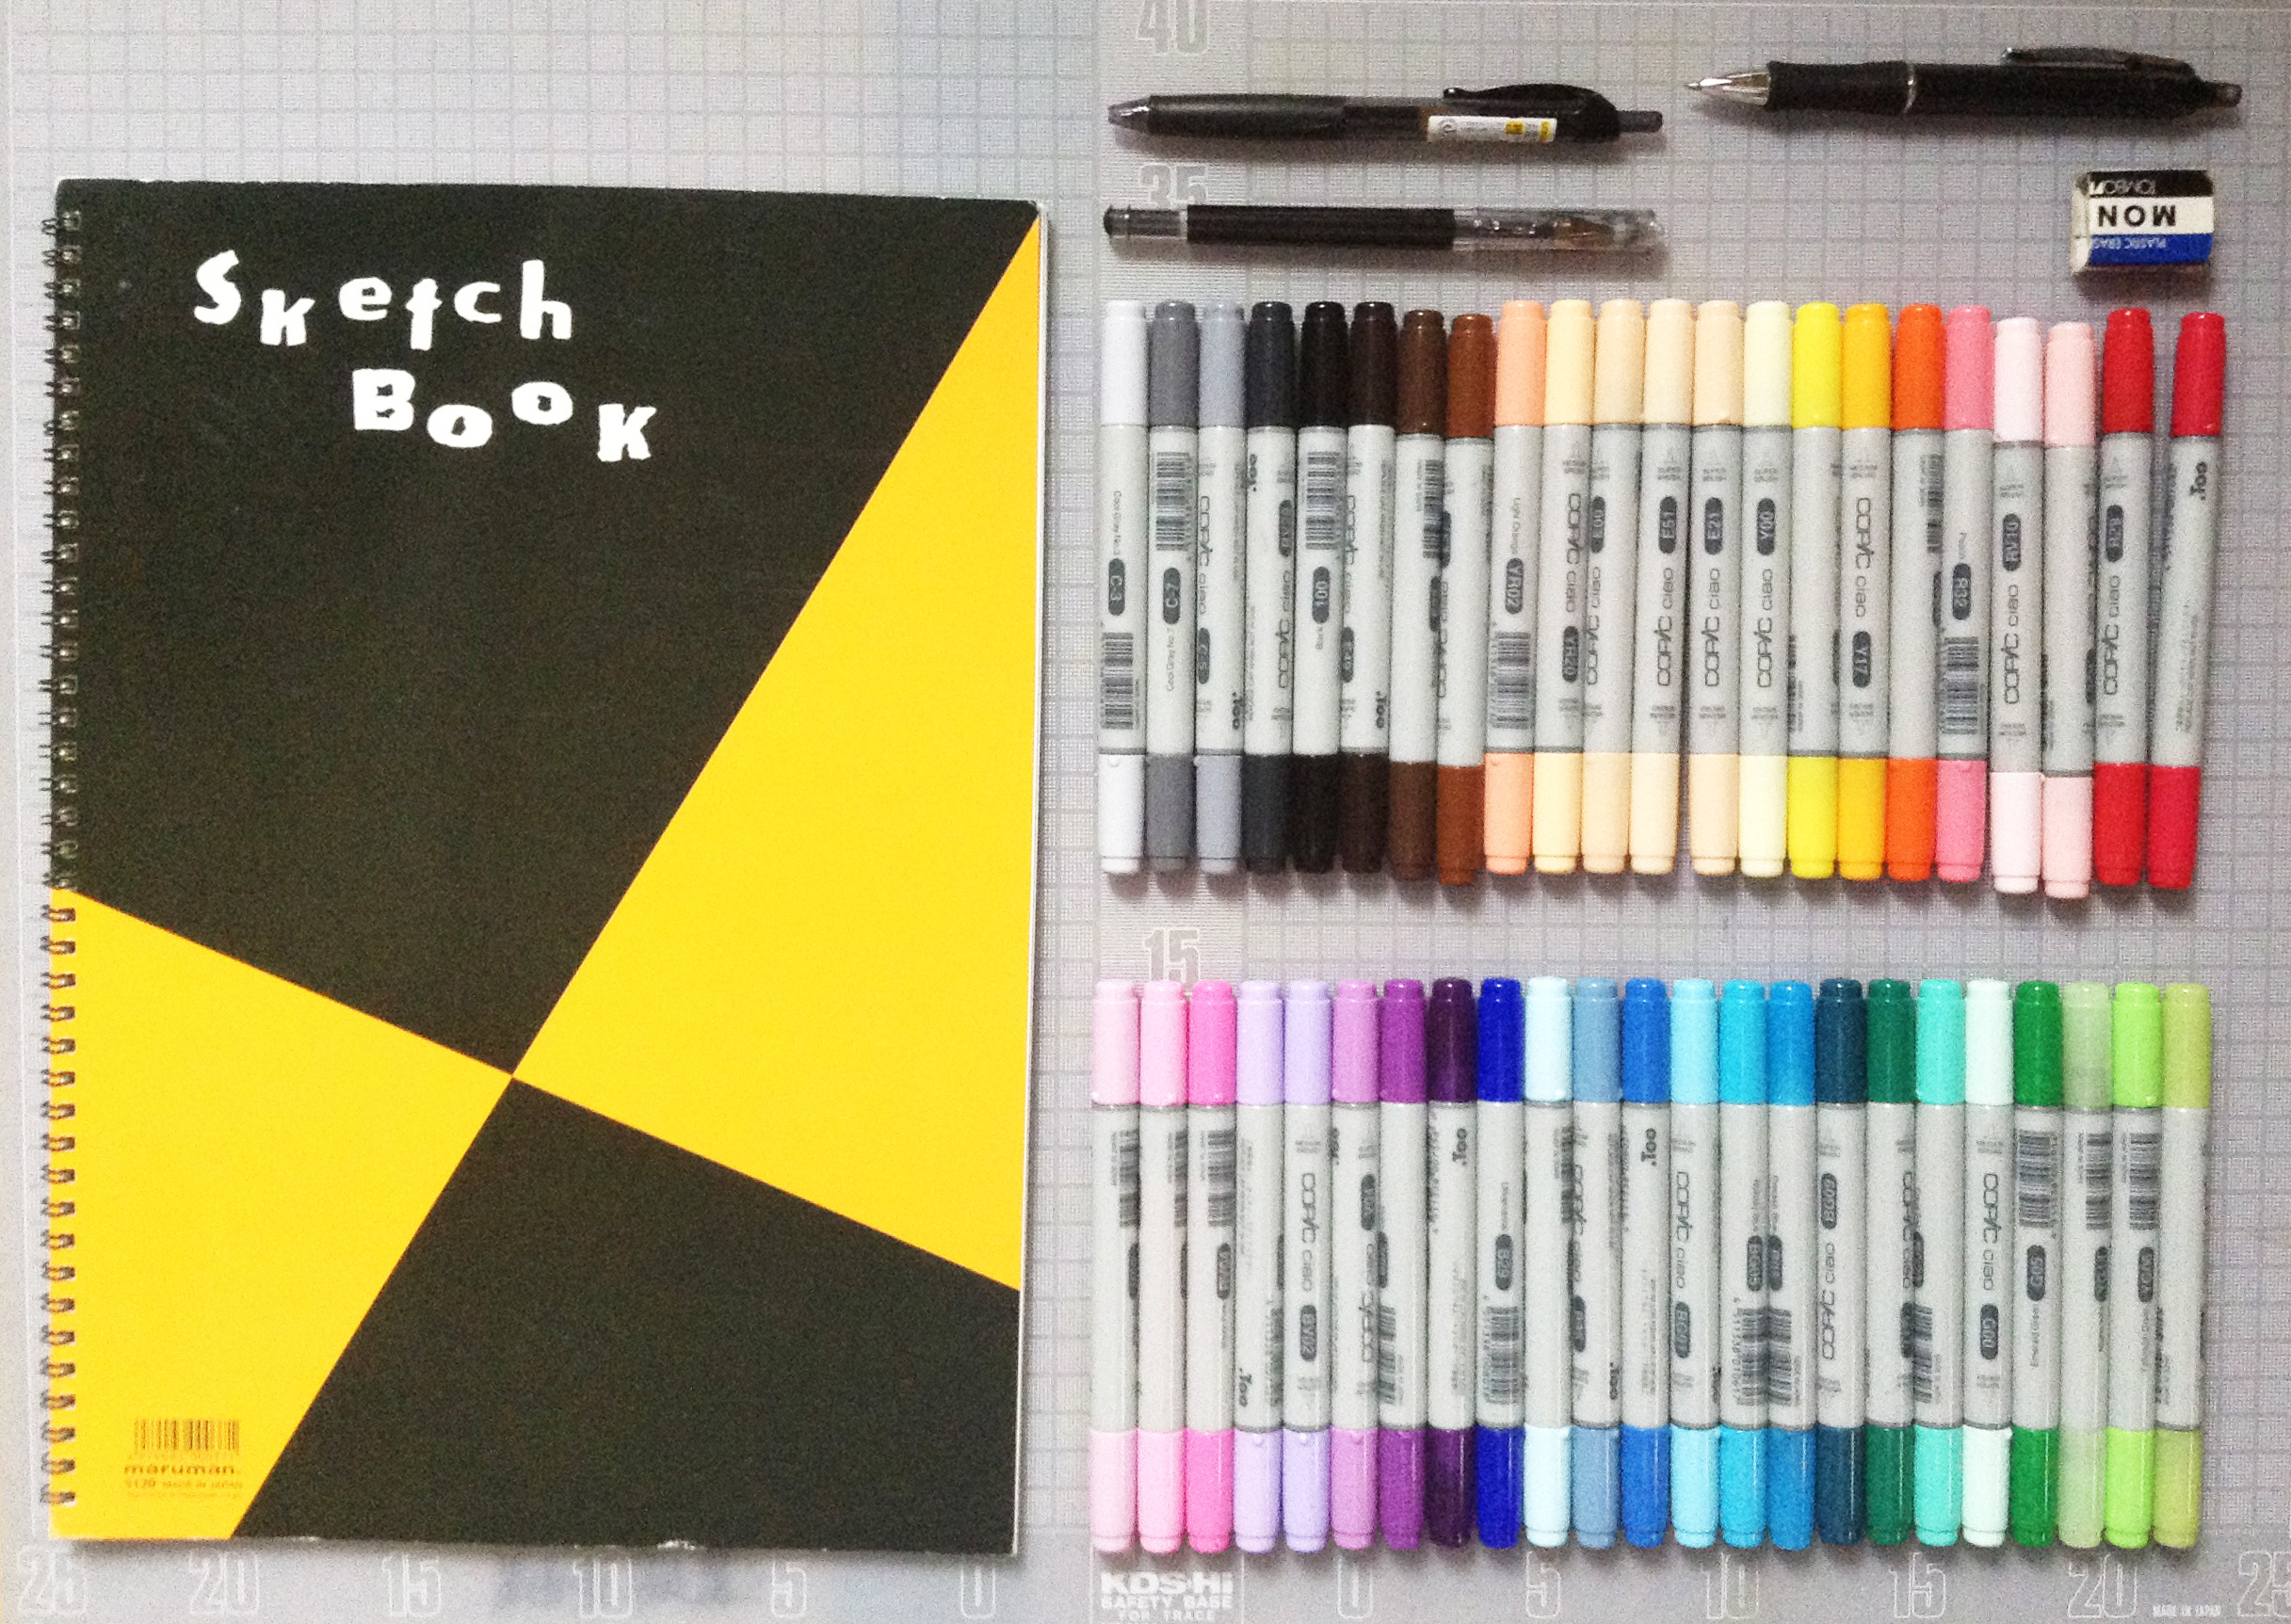 イラストを描くのに必要なコピックチャオ、ボールペン、スケッチブックなどの写真